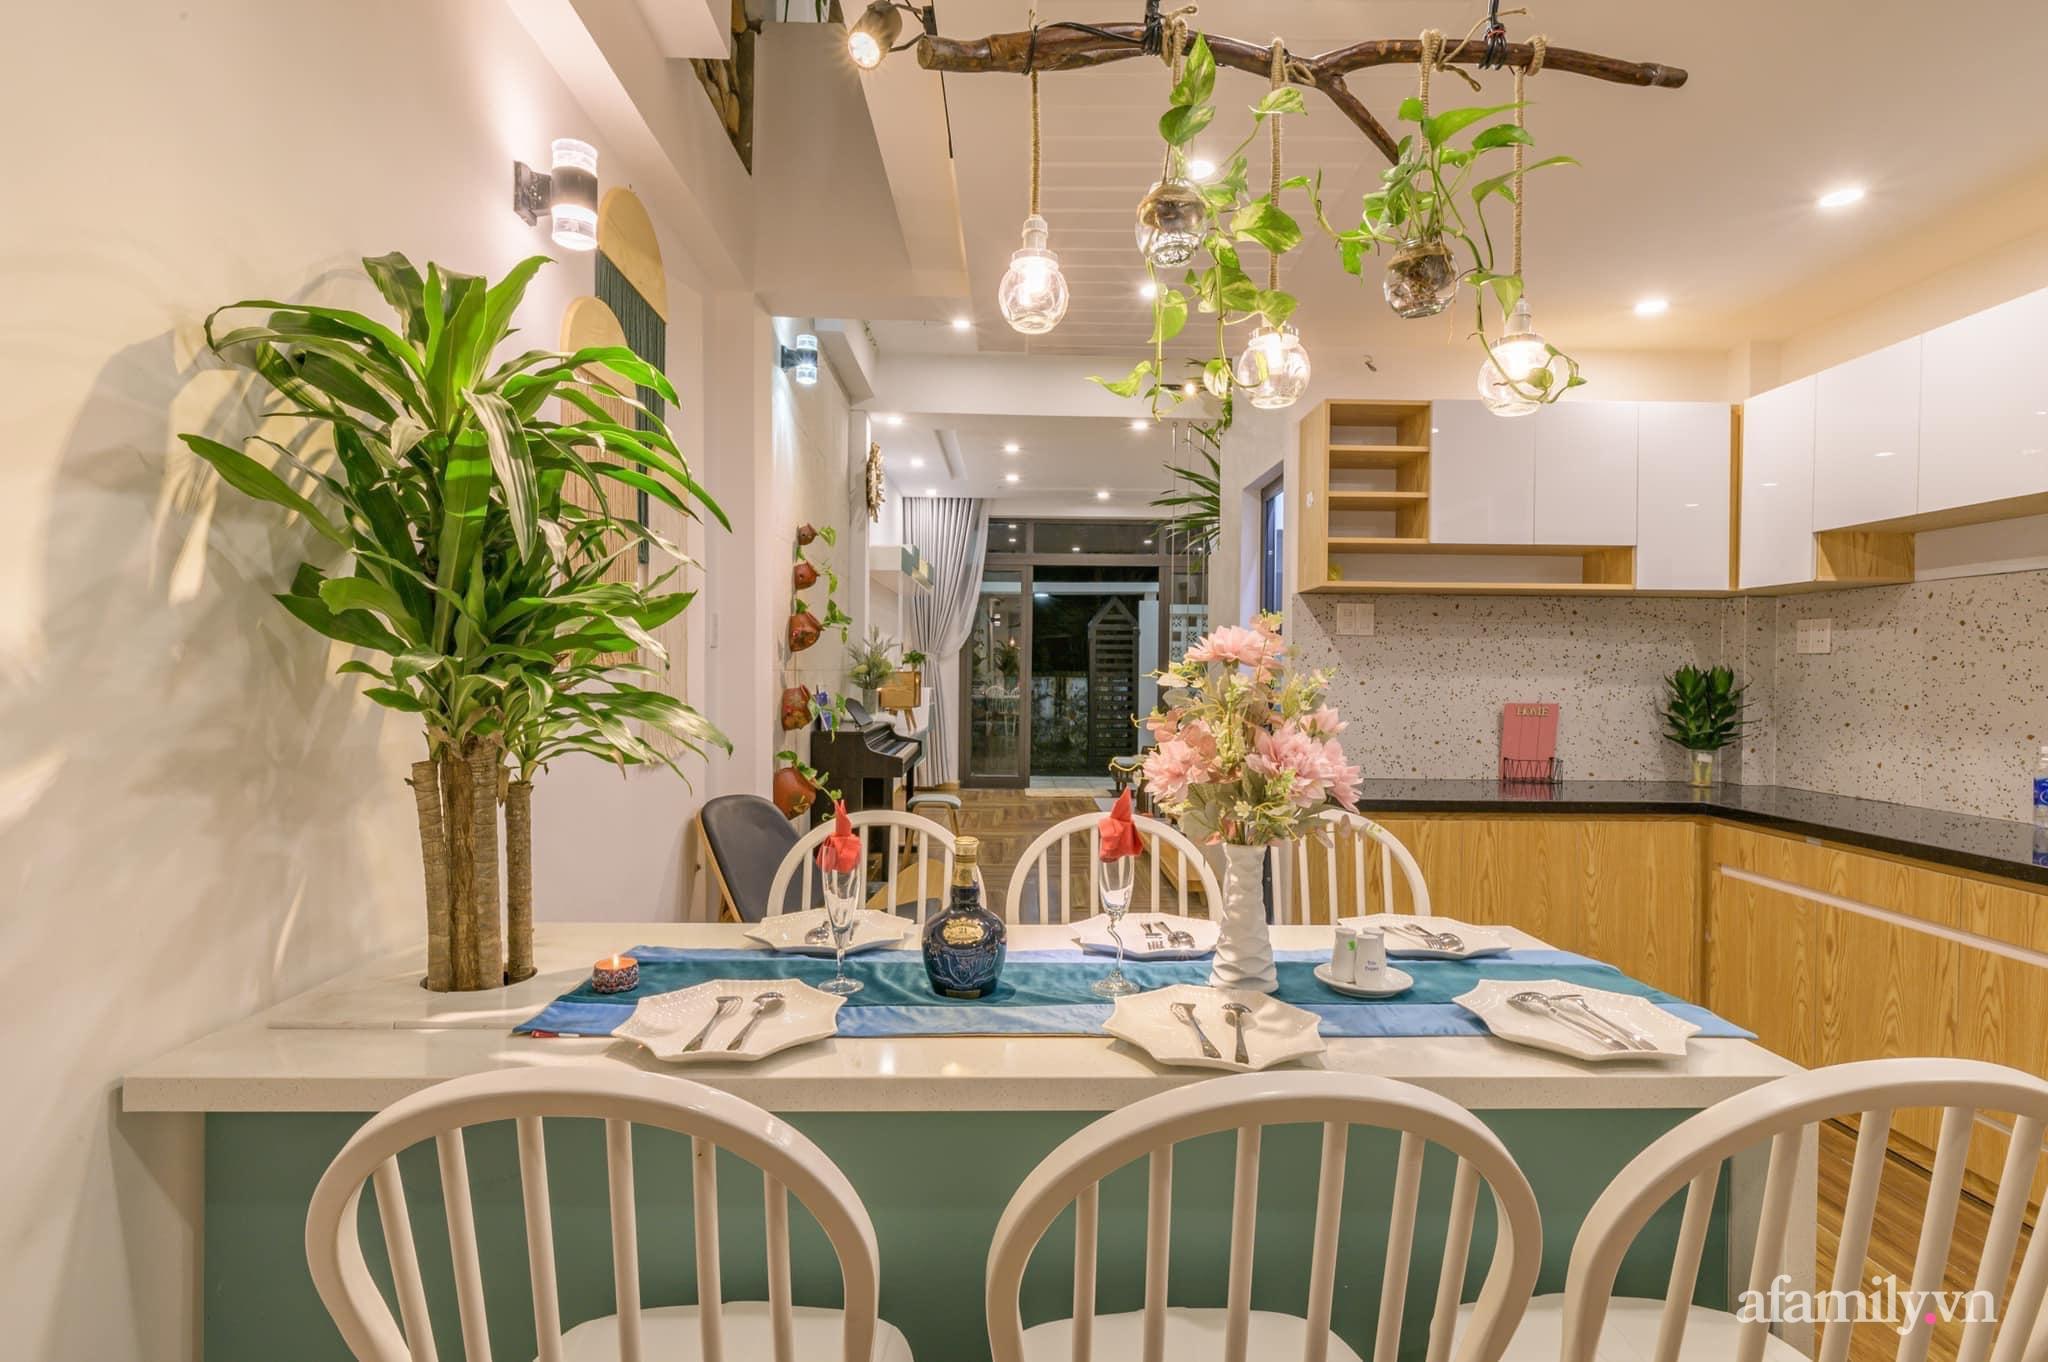 Nhà phố 4 tầng rộng 58m² đẹp an yên với giếng trời nhiều cây xanh và ánh nắng ngập tràn ở Đà Nẵng - Ảnh 7.